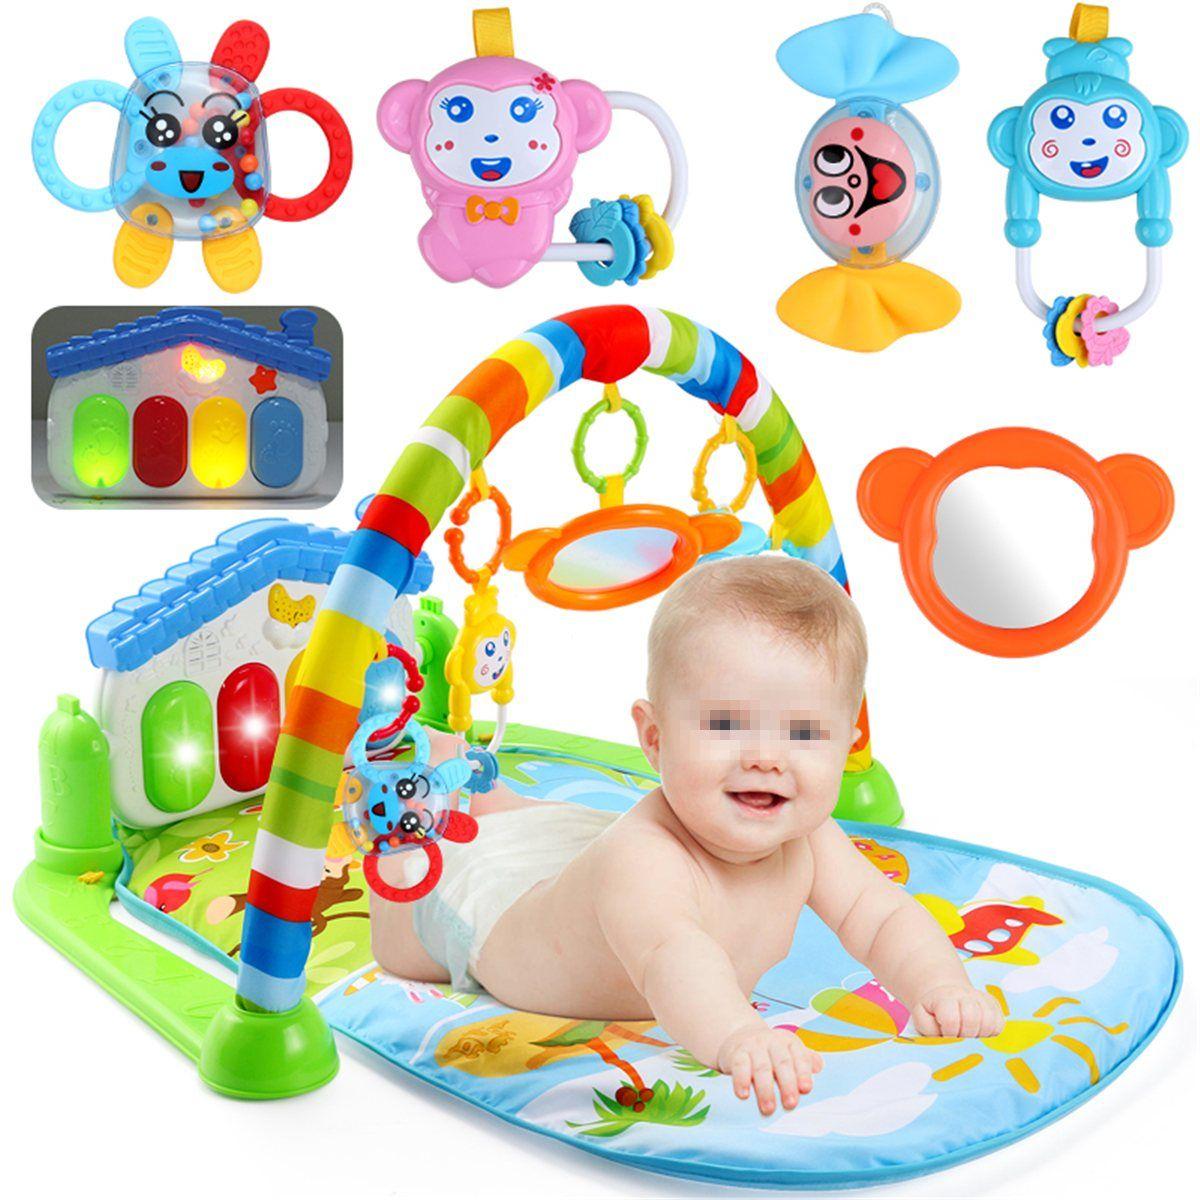 Nueva 3 en 1 Multifunción Estera del Juego Del Bebé Recién Nacido de la Música Piano de Fitness Gym Juego Esteras de Actividad Para Los Niños Regalo de Los Niños juguetes